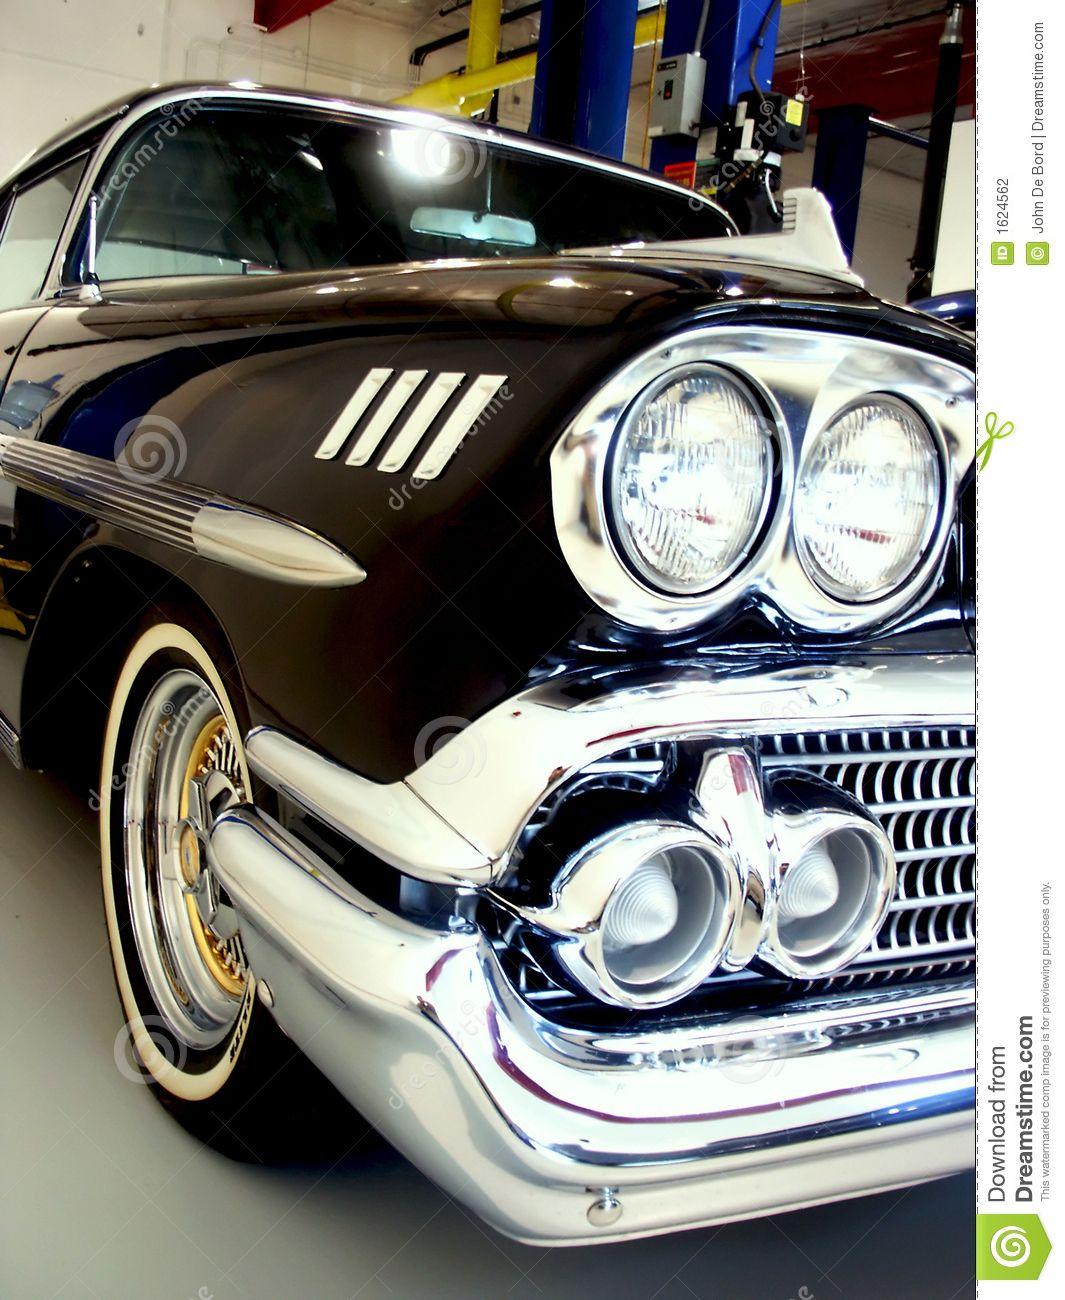 44++ Best american cars of the 50s dekstop